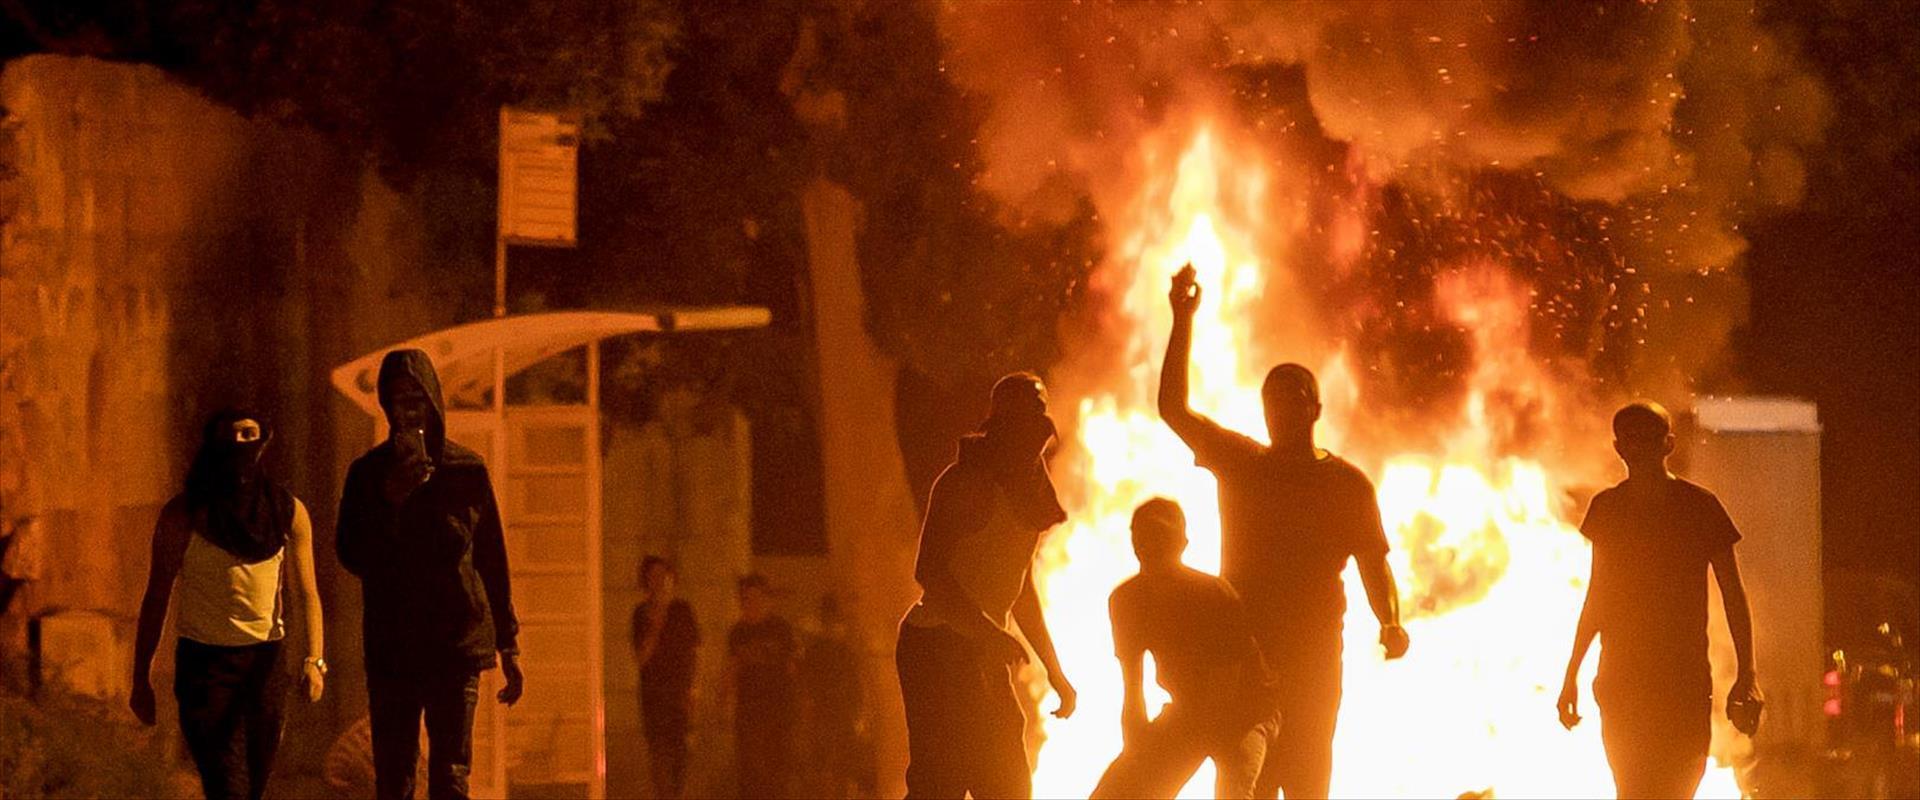 أعمال شغب وعنف خلال عملية حامي الأسوار